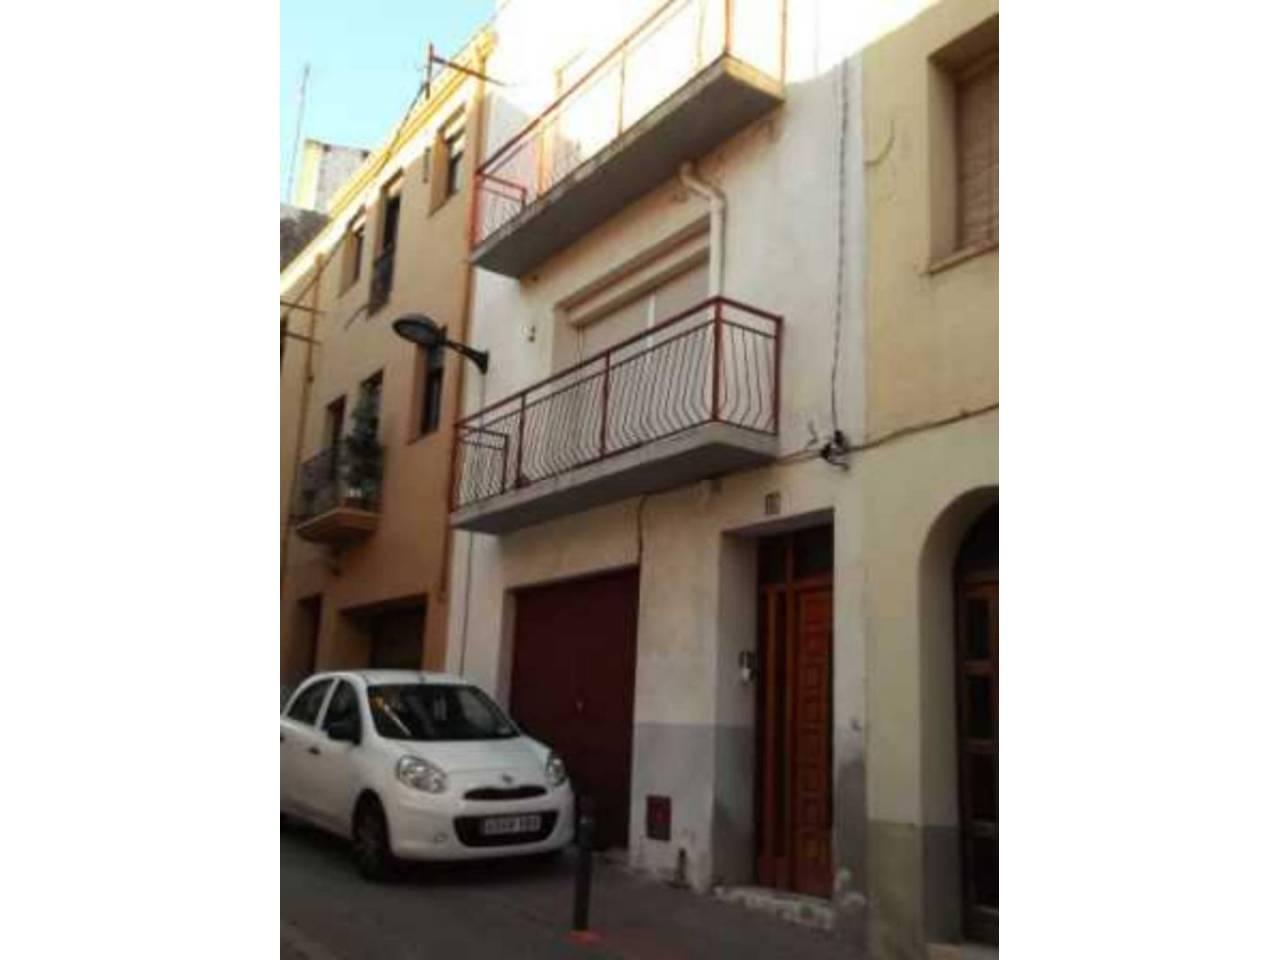 Casa  Calle san marti. Casa adosada de dos alturas, situada muy cerca del centro de el